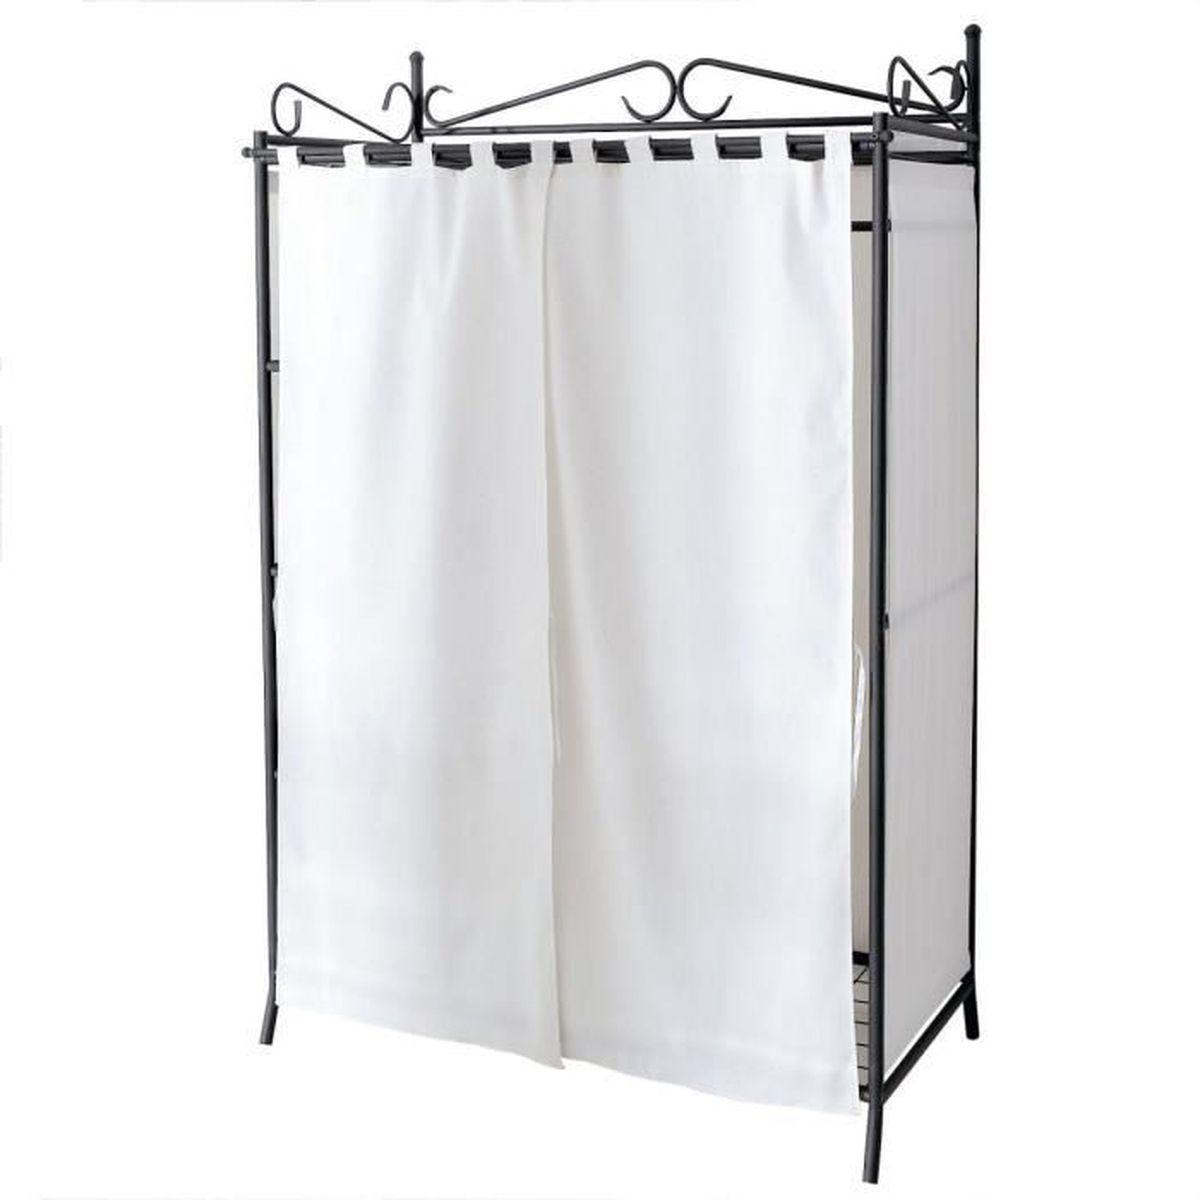 liamare penderie breezy avec structure en m tal et rideaux en coton beige noir env 109 x 57. Black Bedroom Furniture Sets. Home Design Ideas